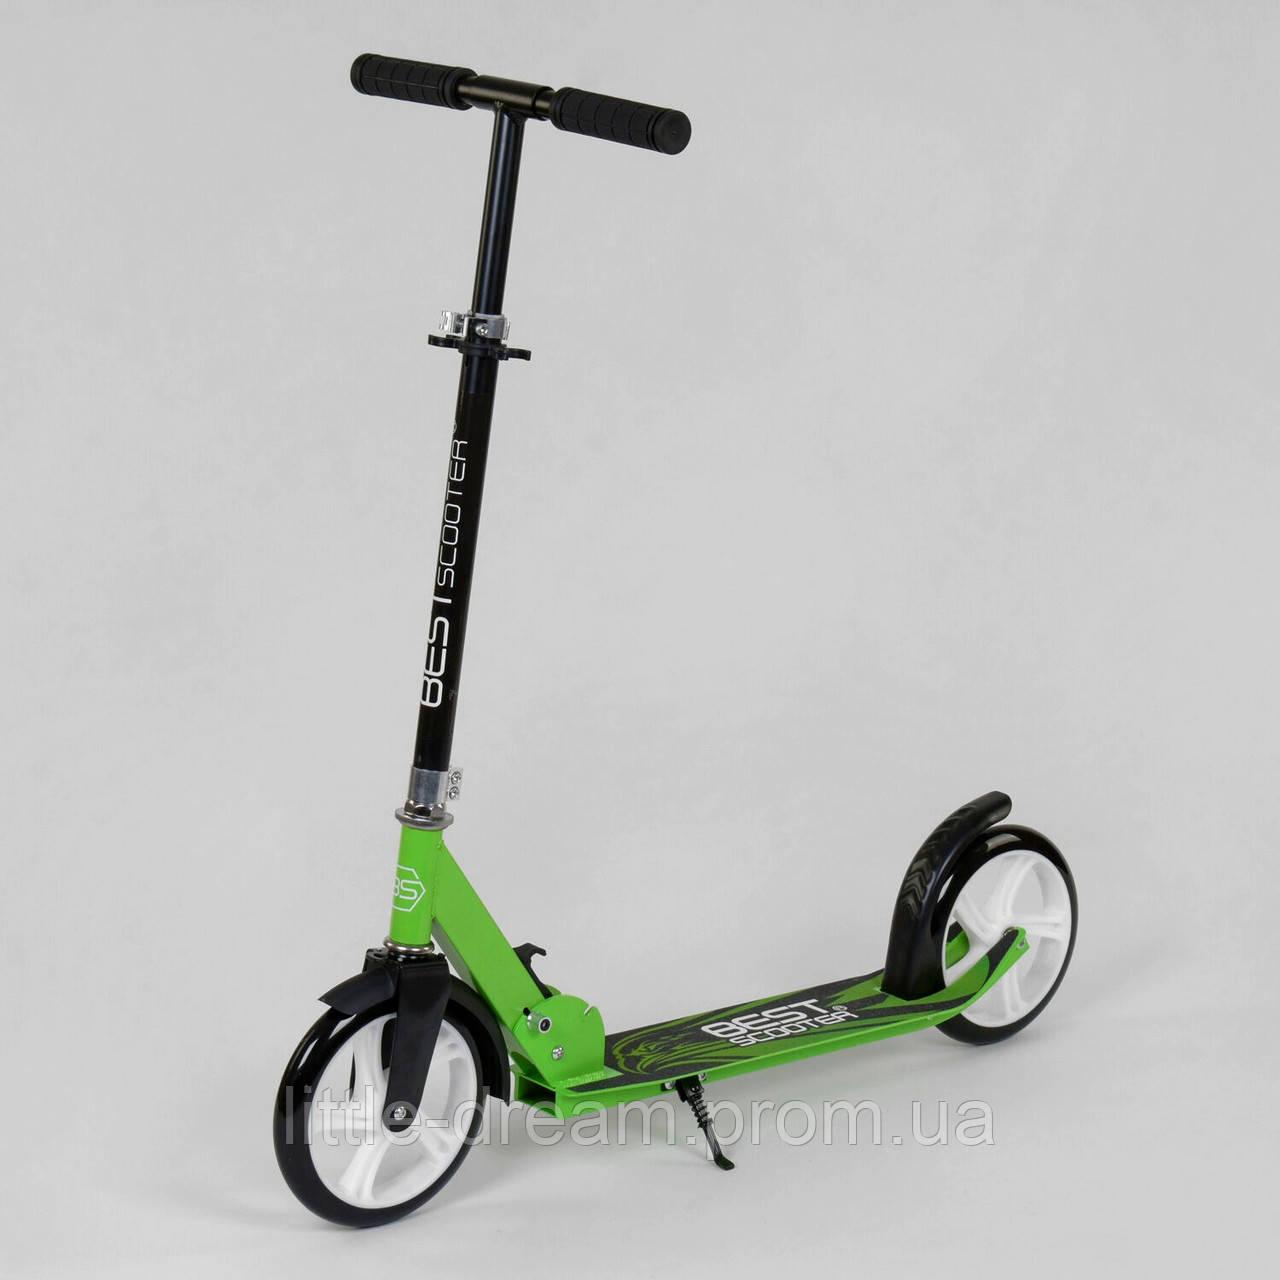 Самокат двухколесный Best Scooter 71645 Зеленый